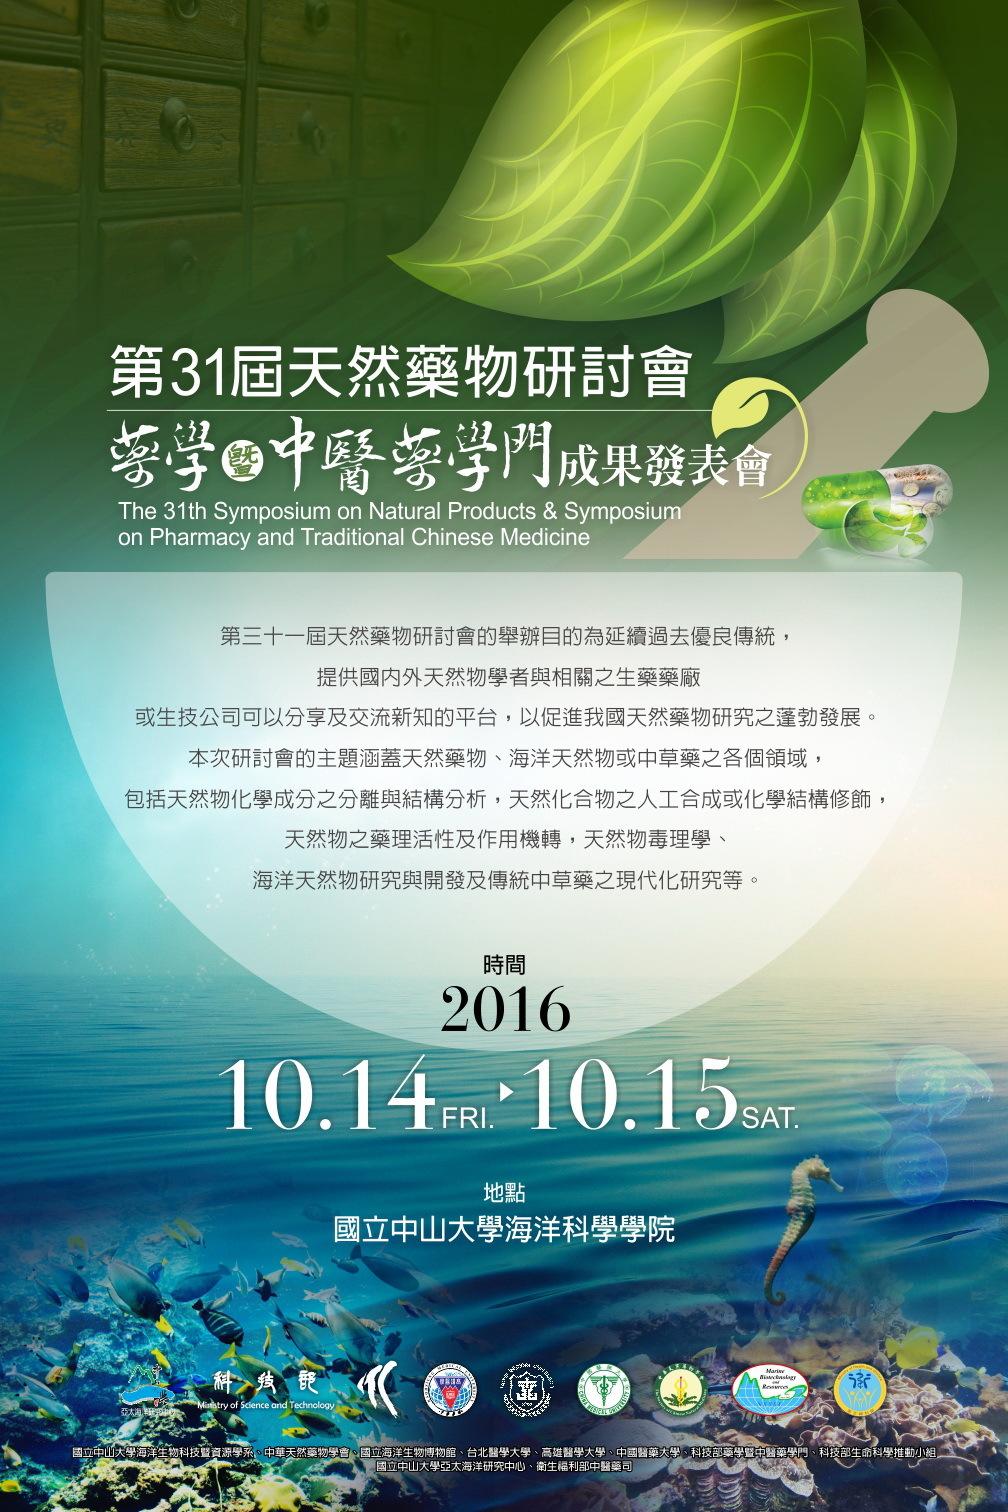 第31屆天然藥物研討會 - 研討會資訊 - 最新消息 - 中華天然藥物學會